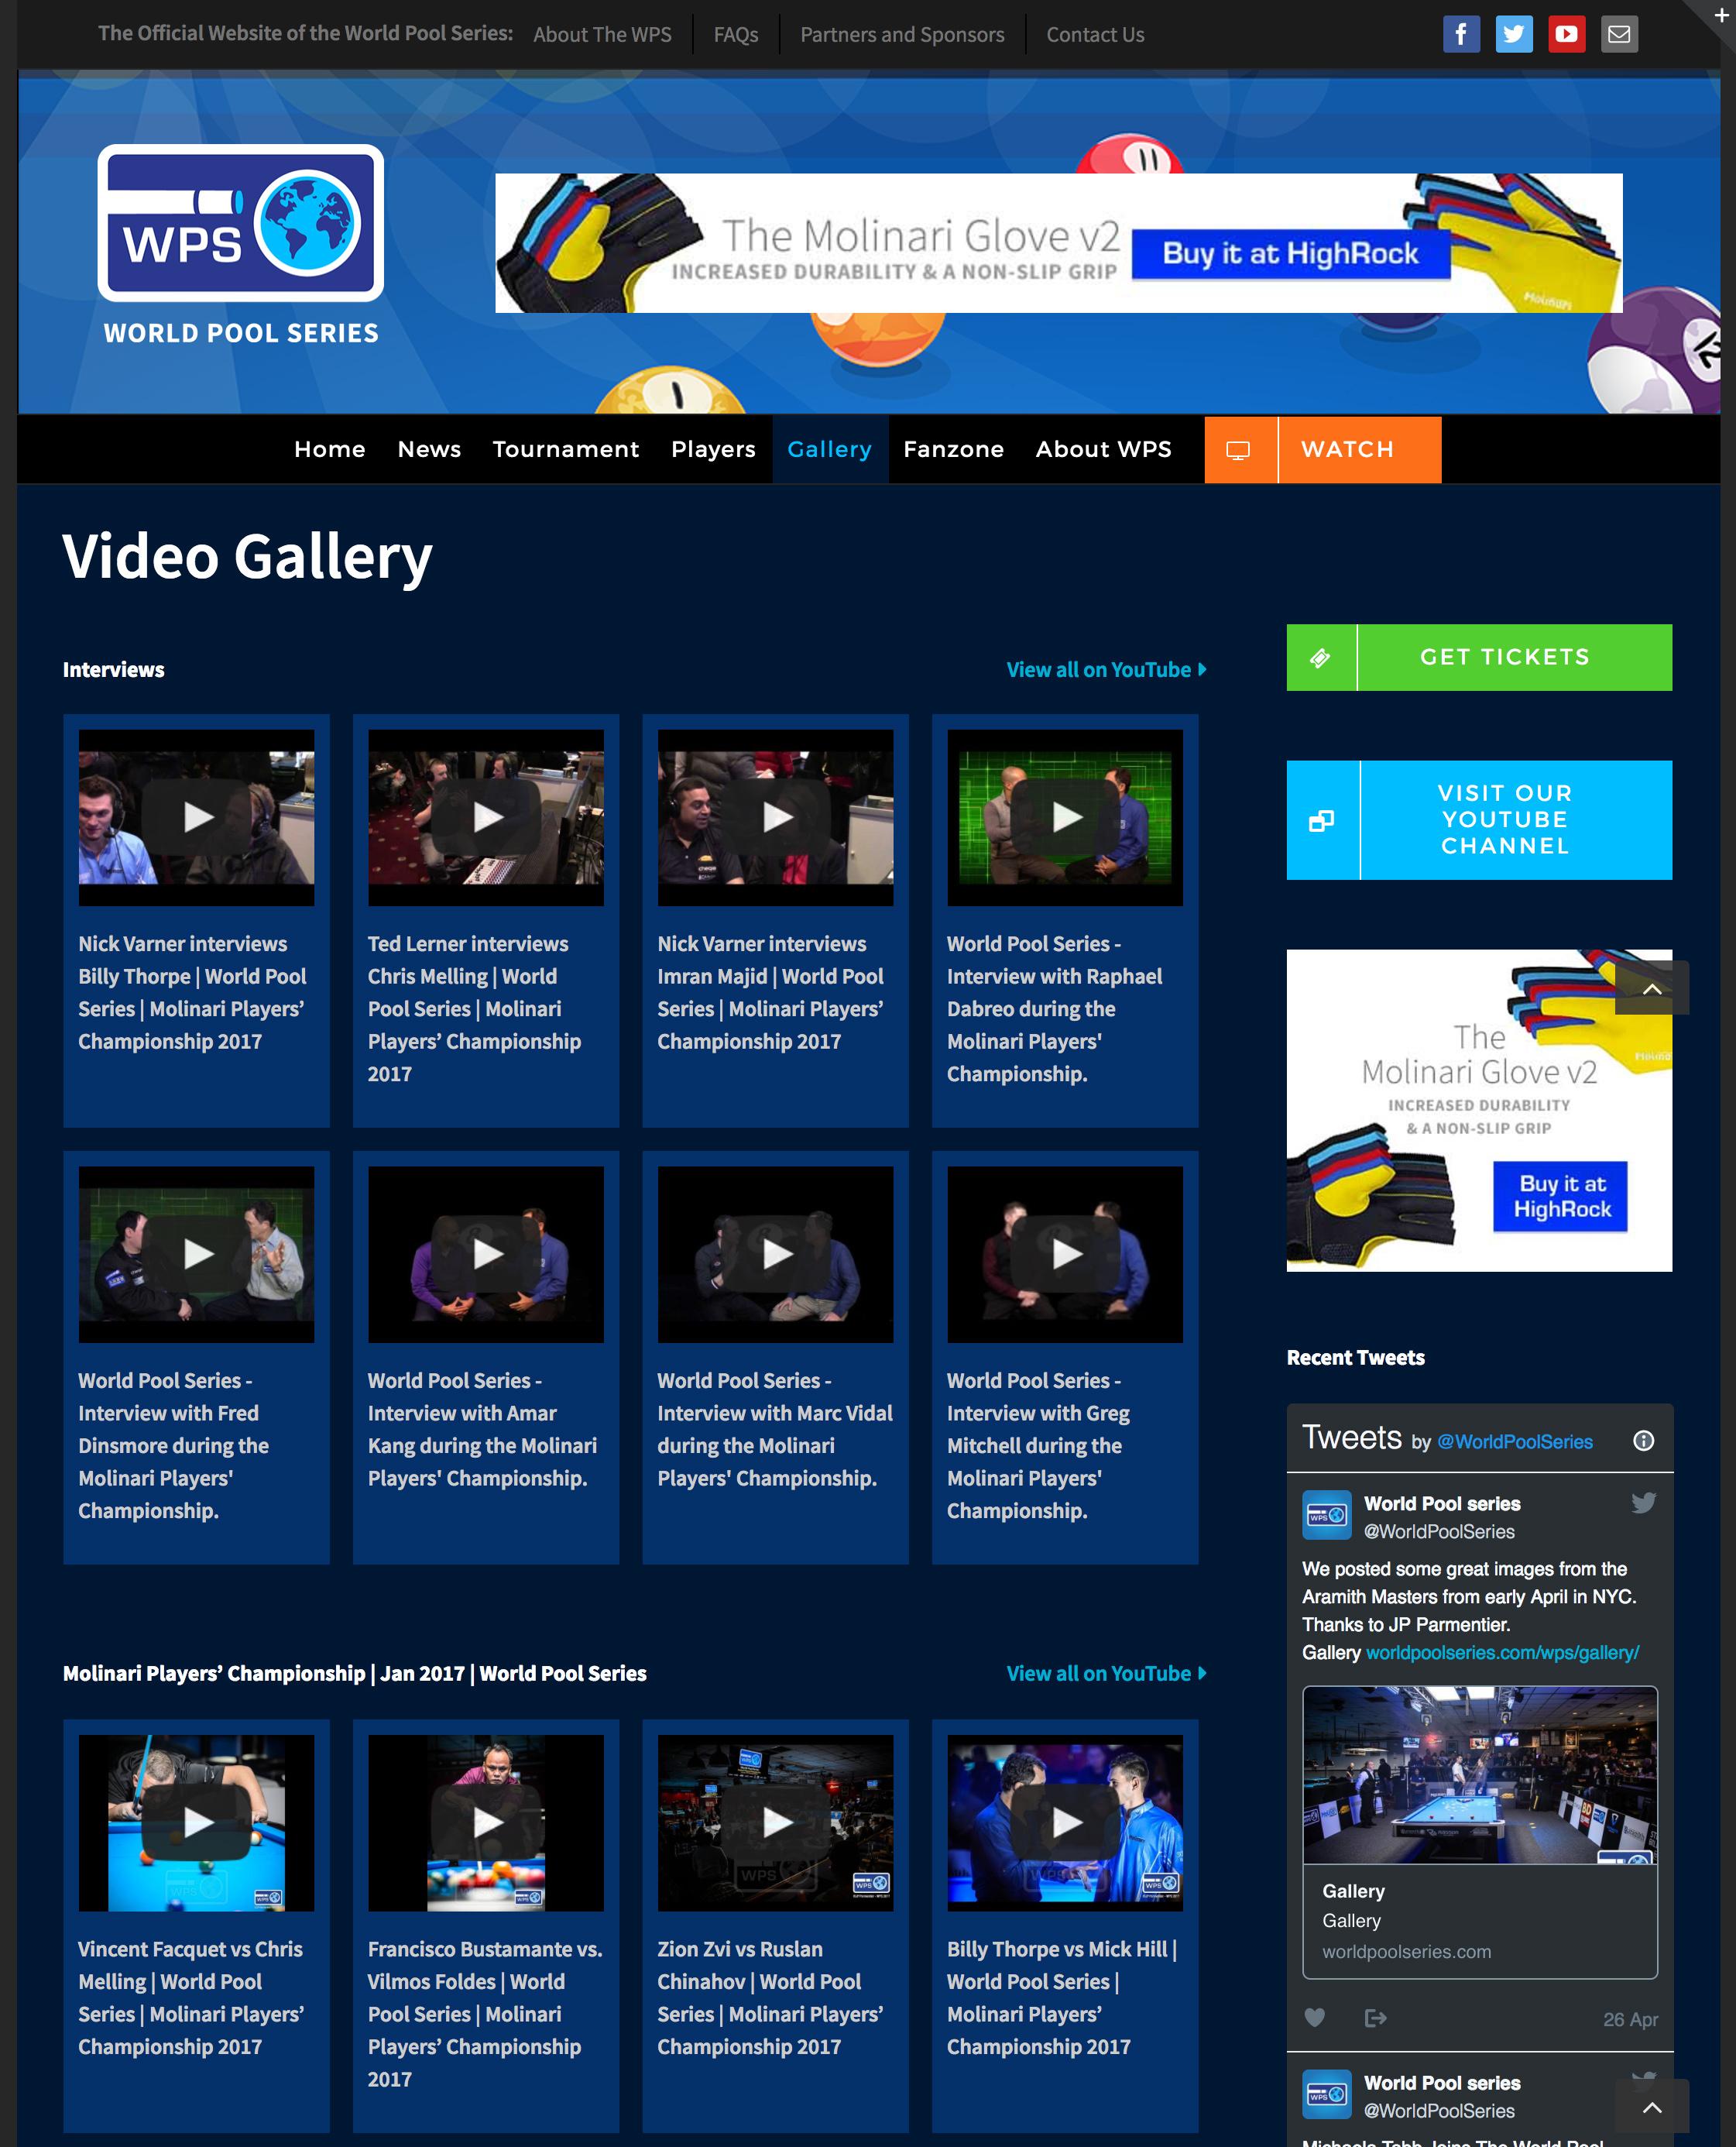 WPS videos